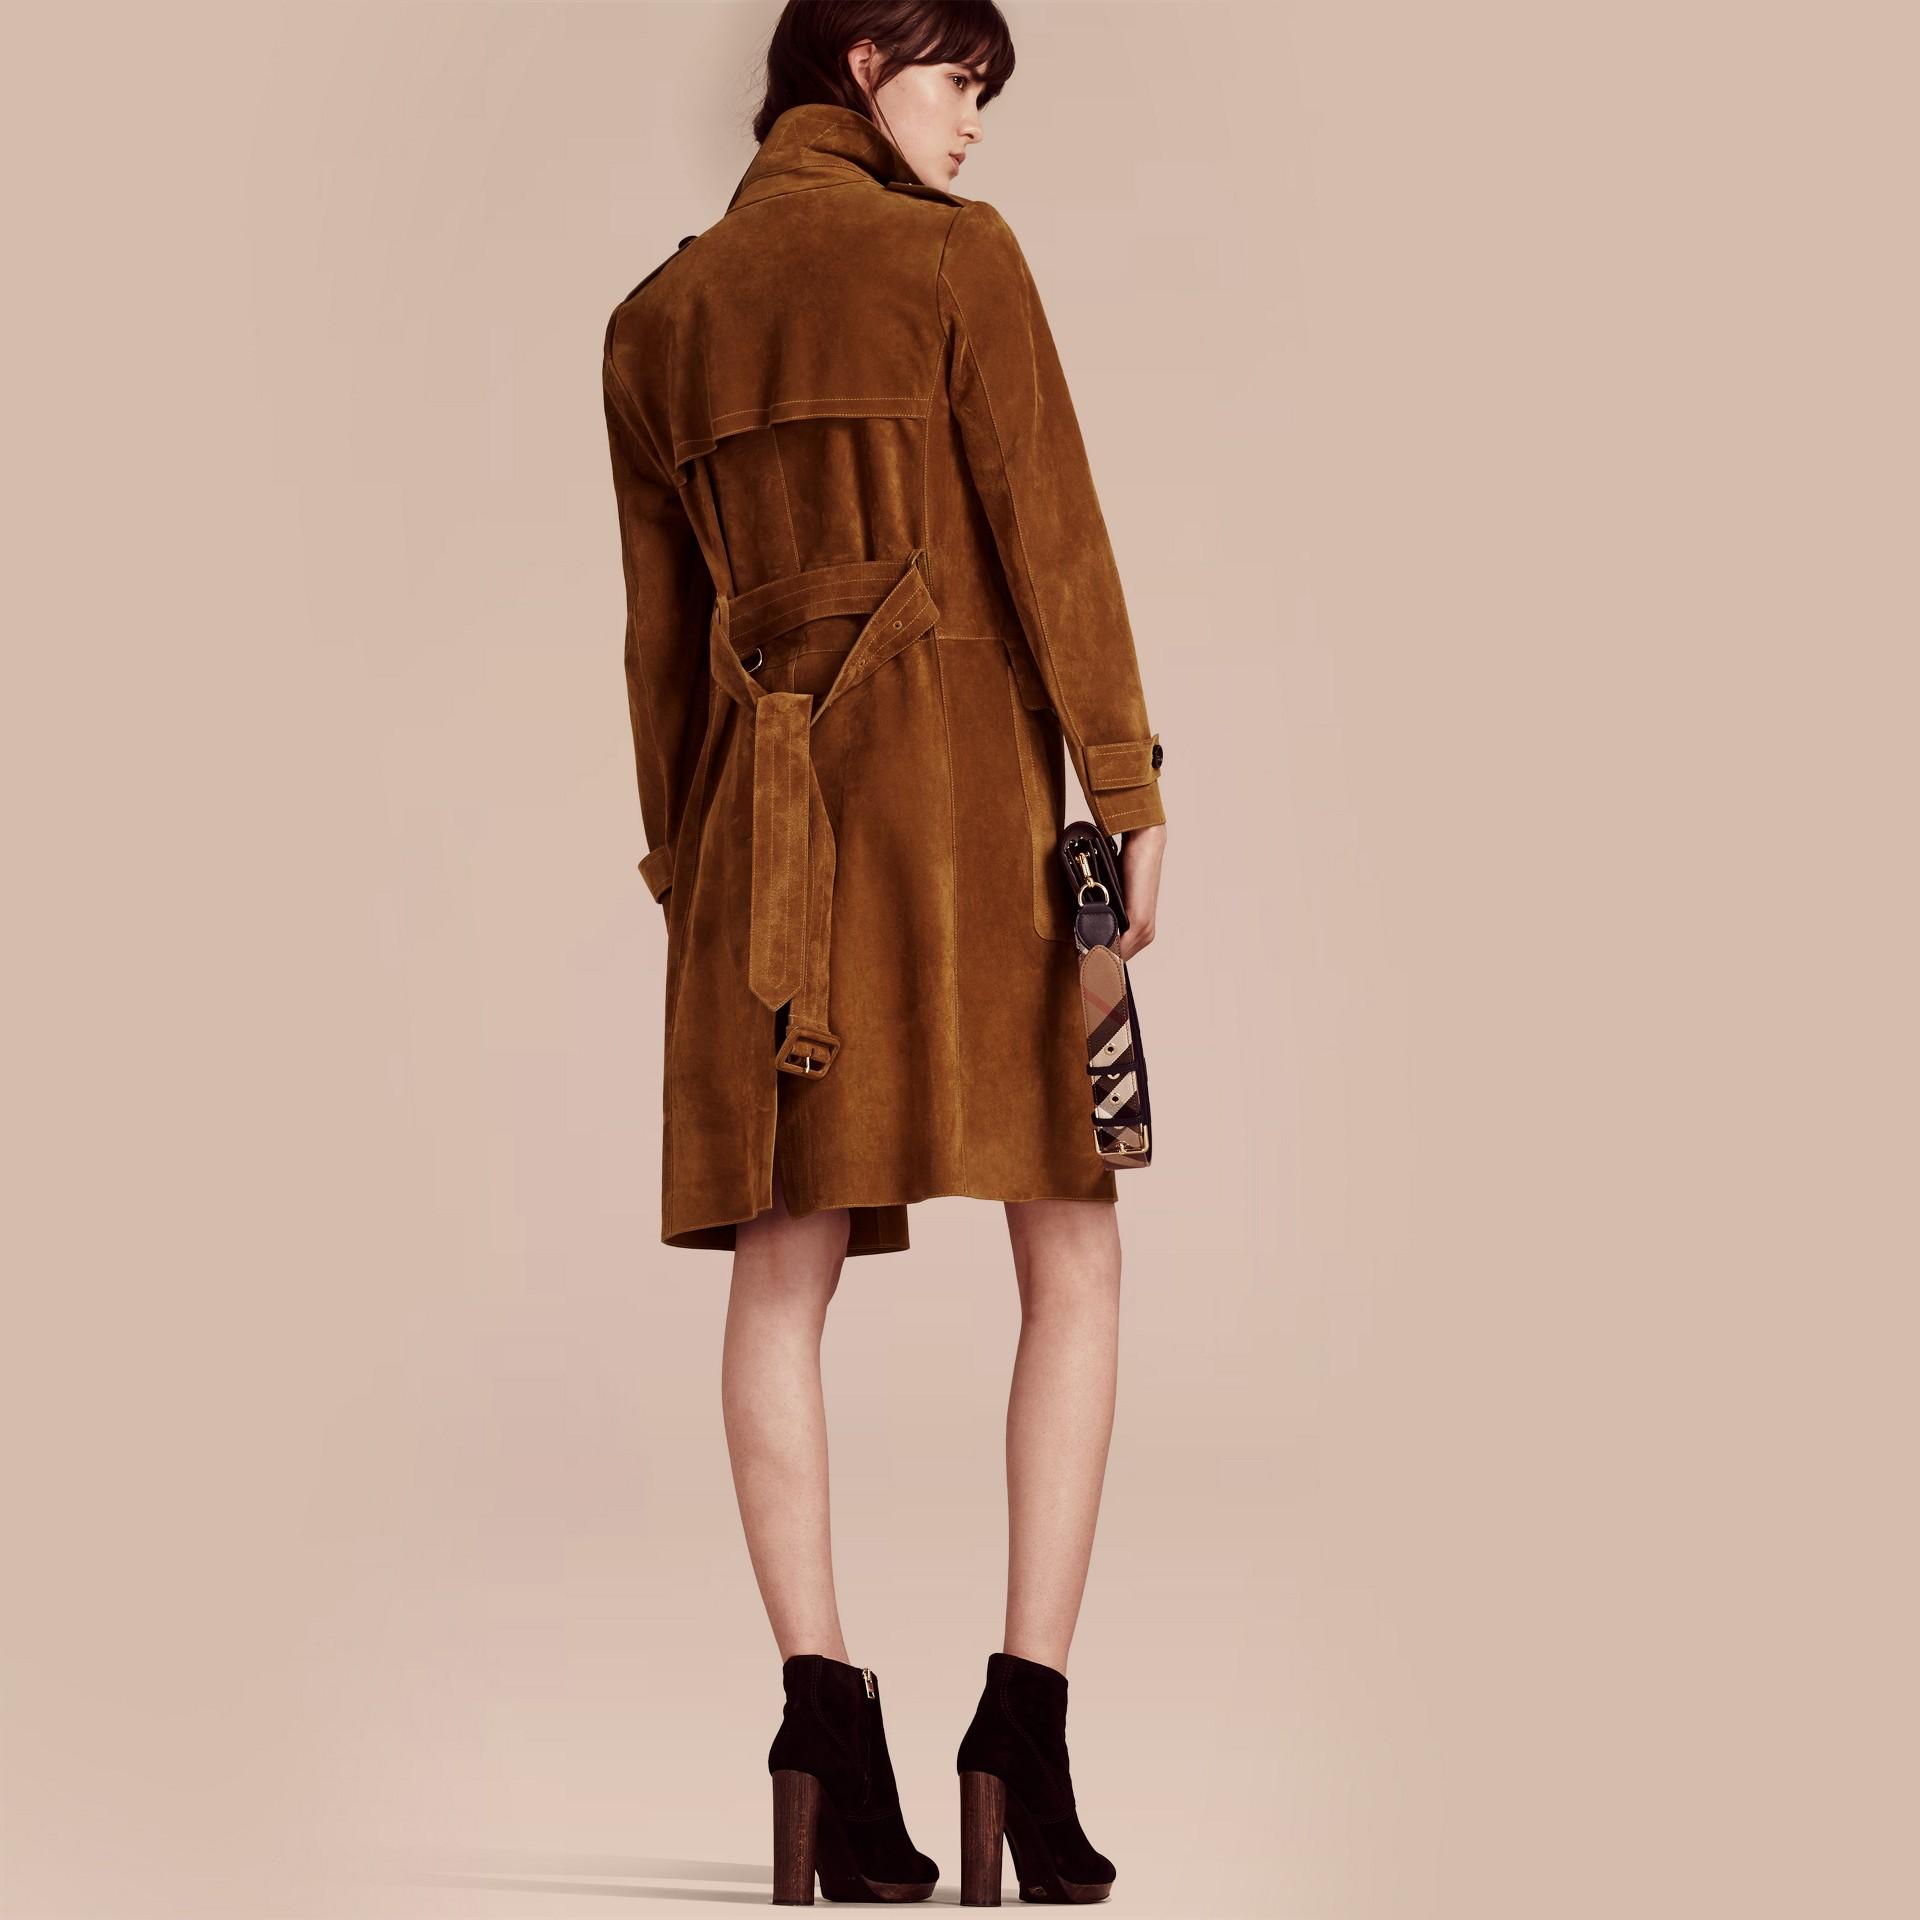 Cognac Manteau portefeuille en cuir velours - photo de la galerie 3